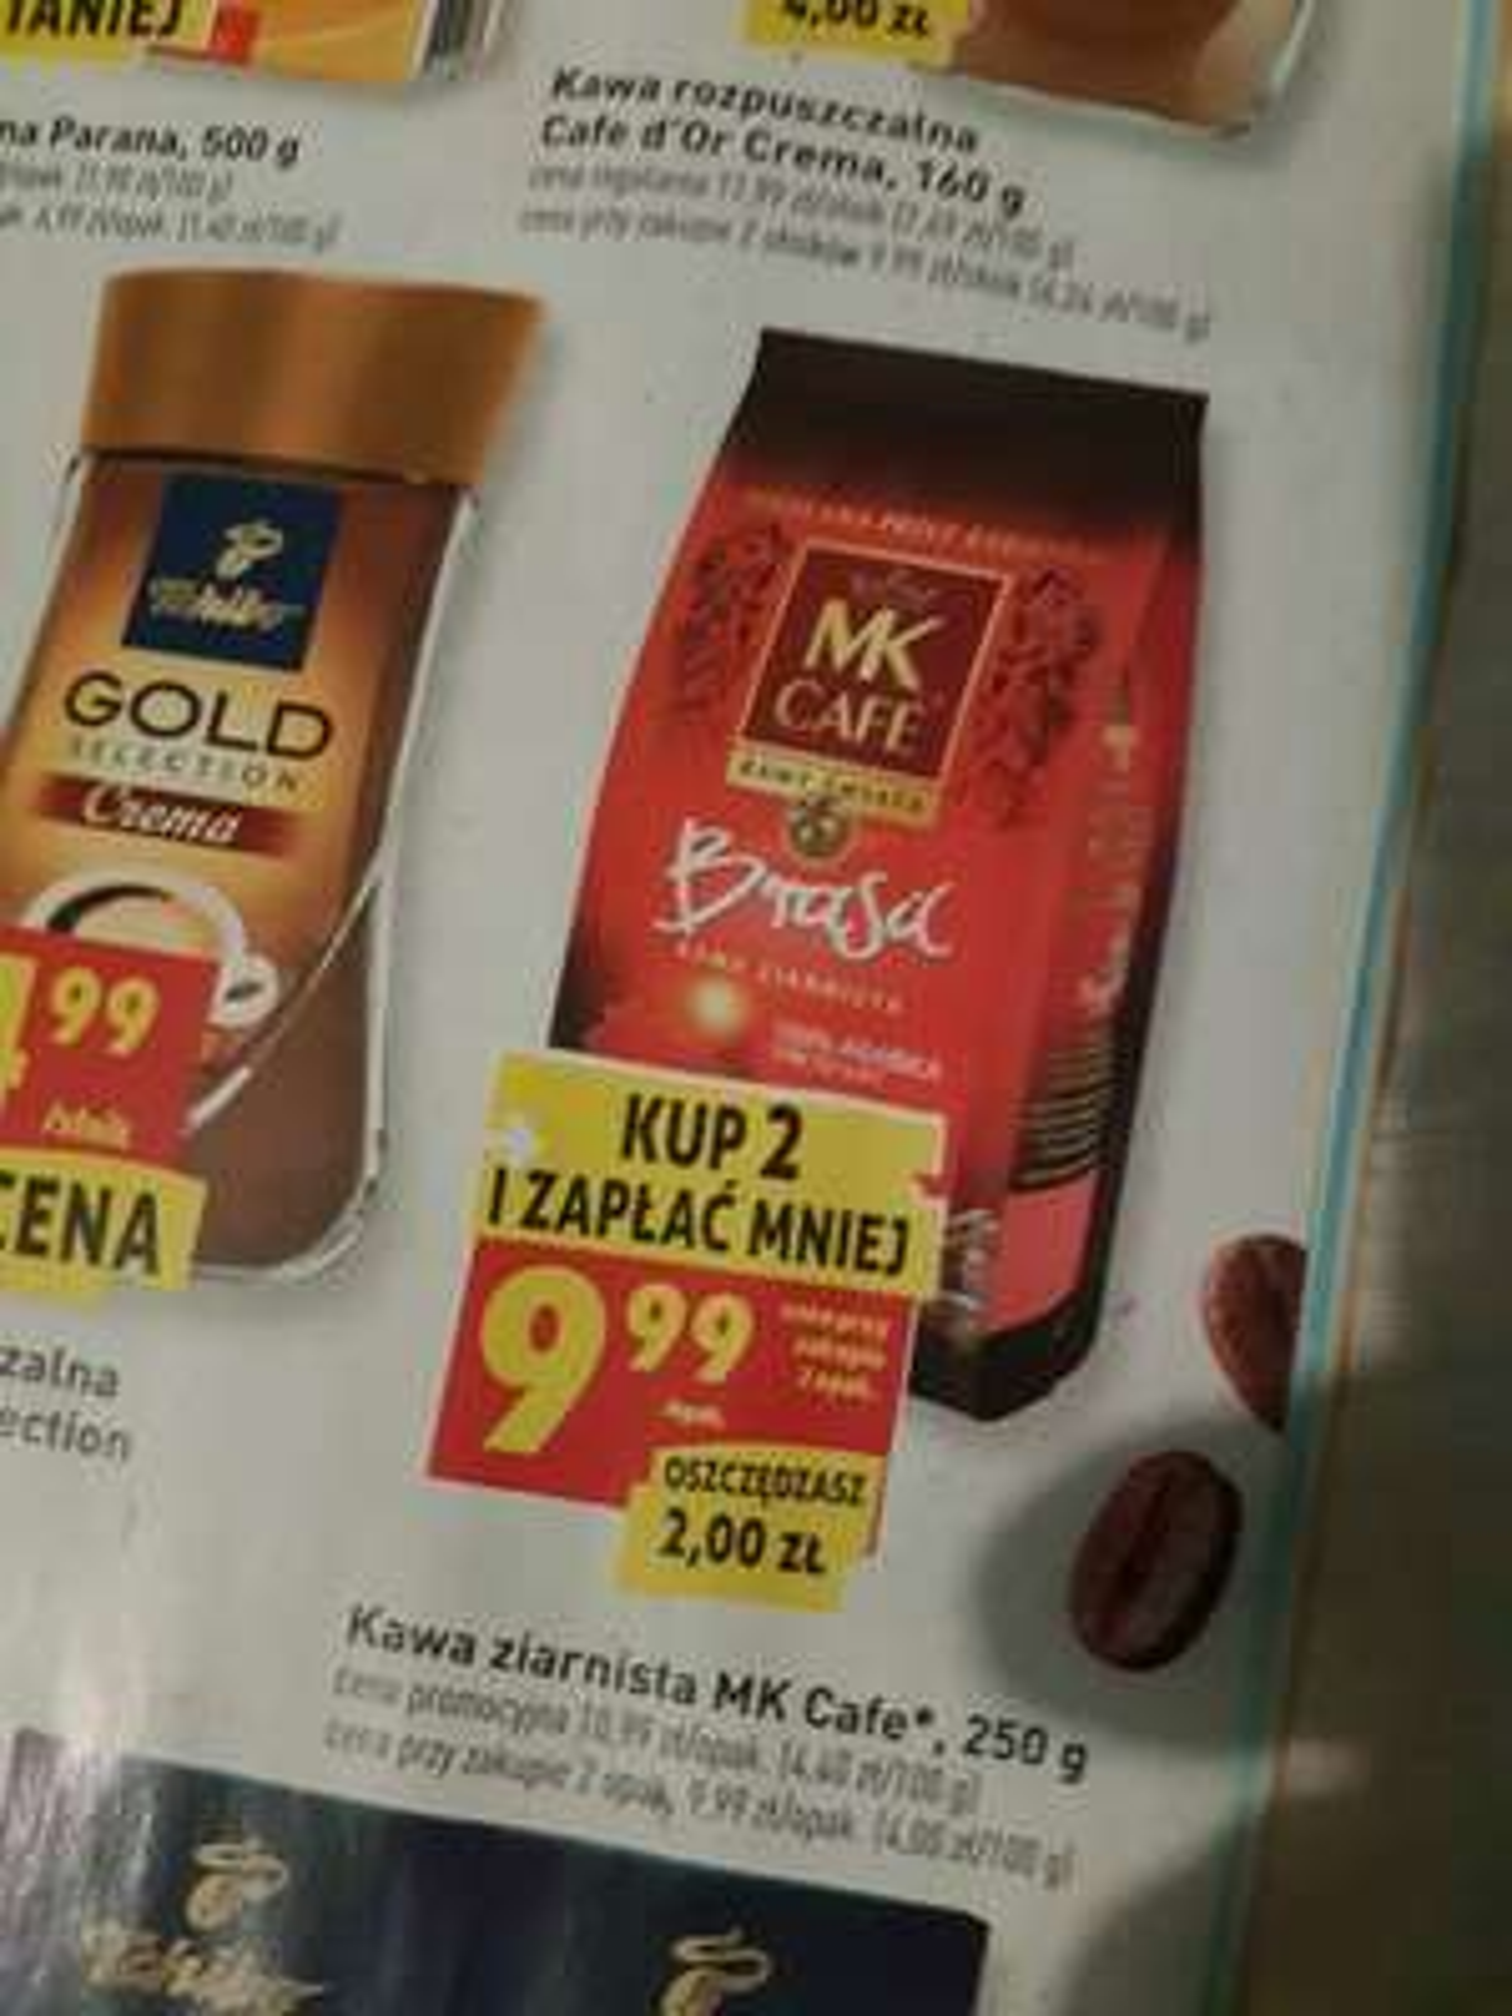 Kawa ziarnista MK Cafe 250g